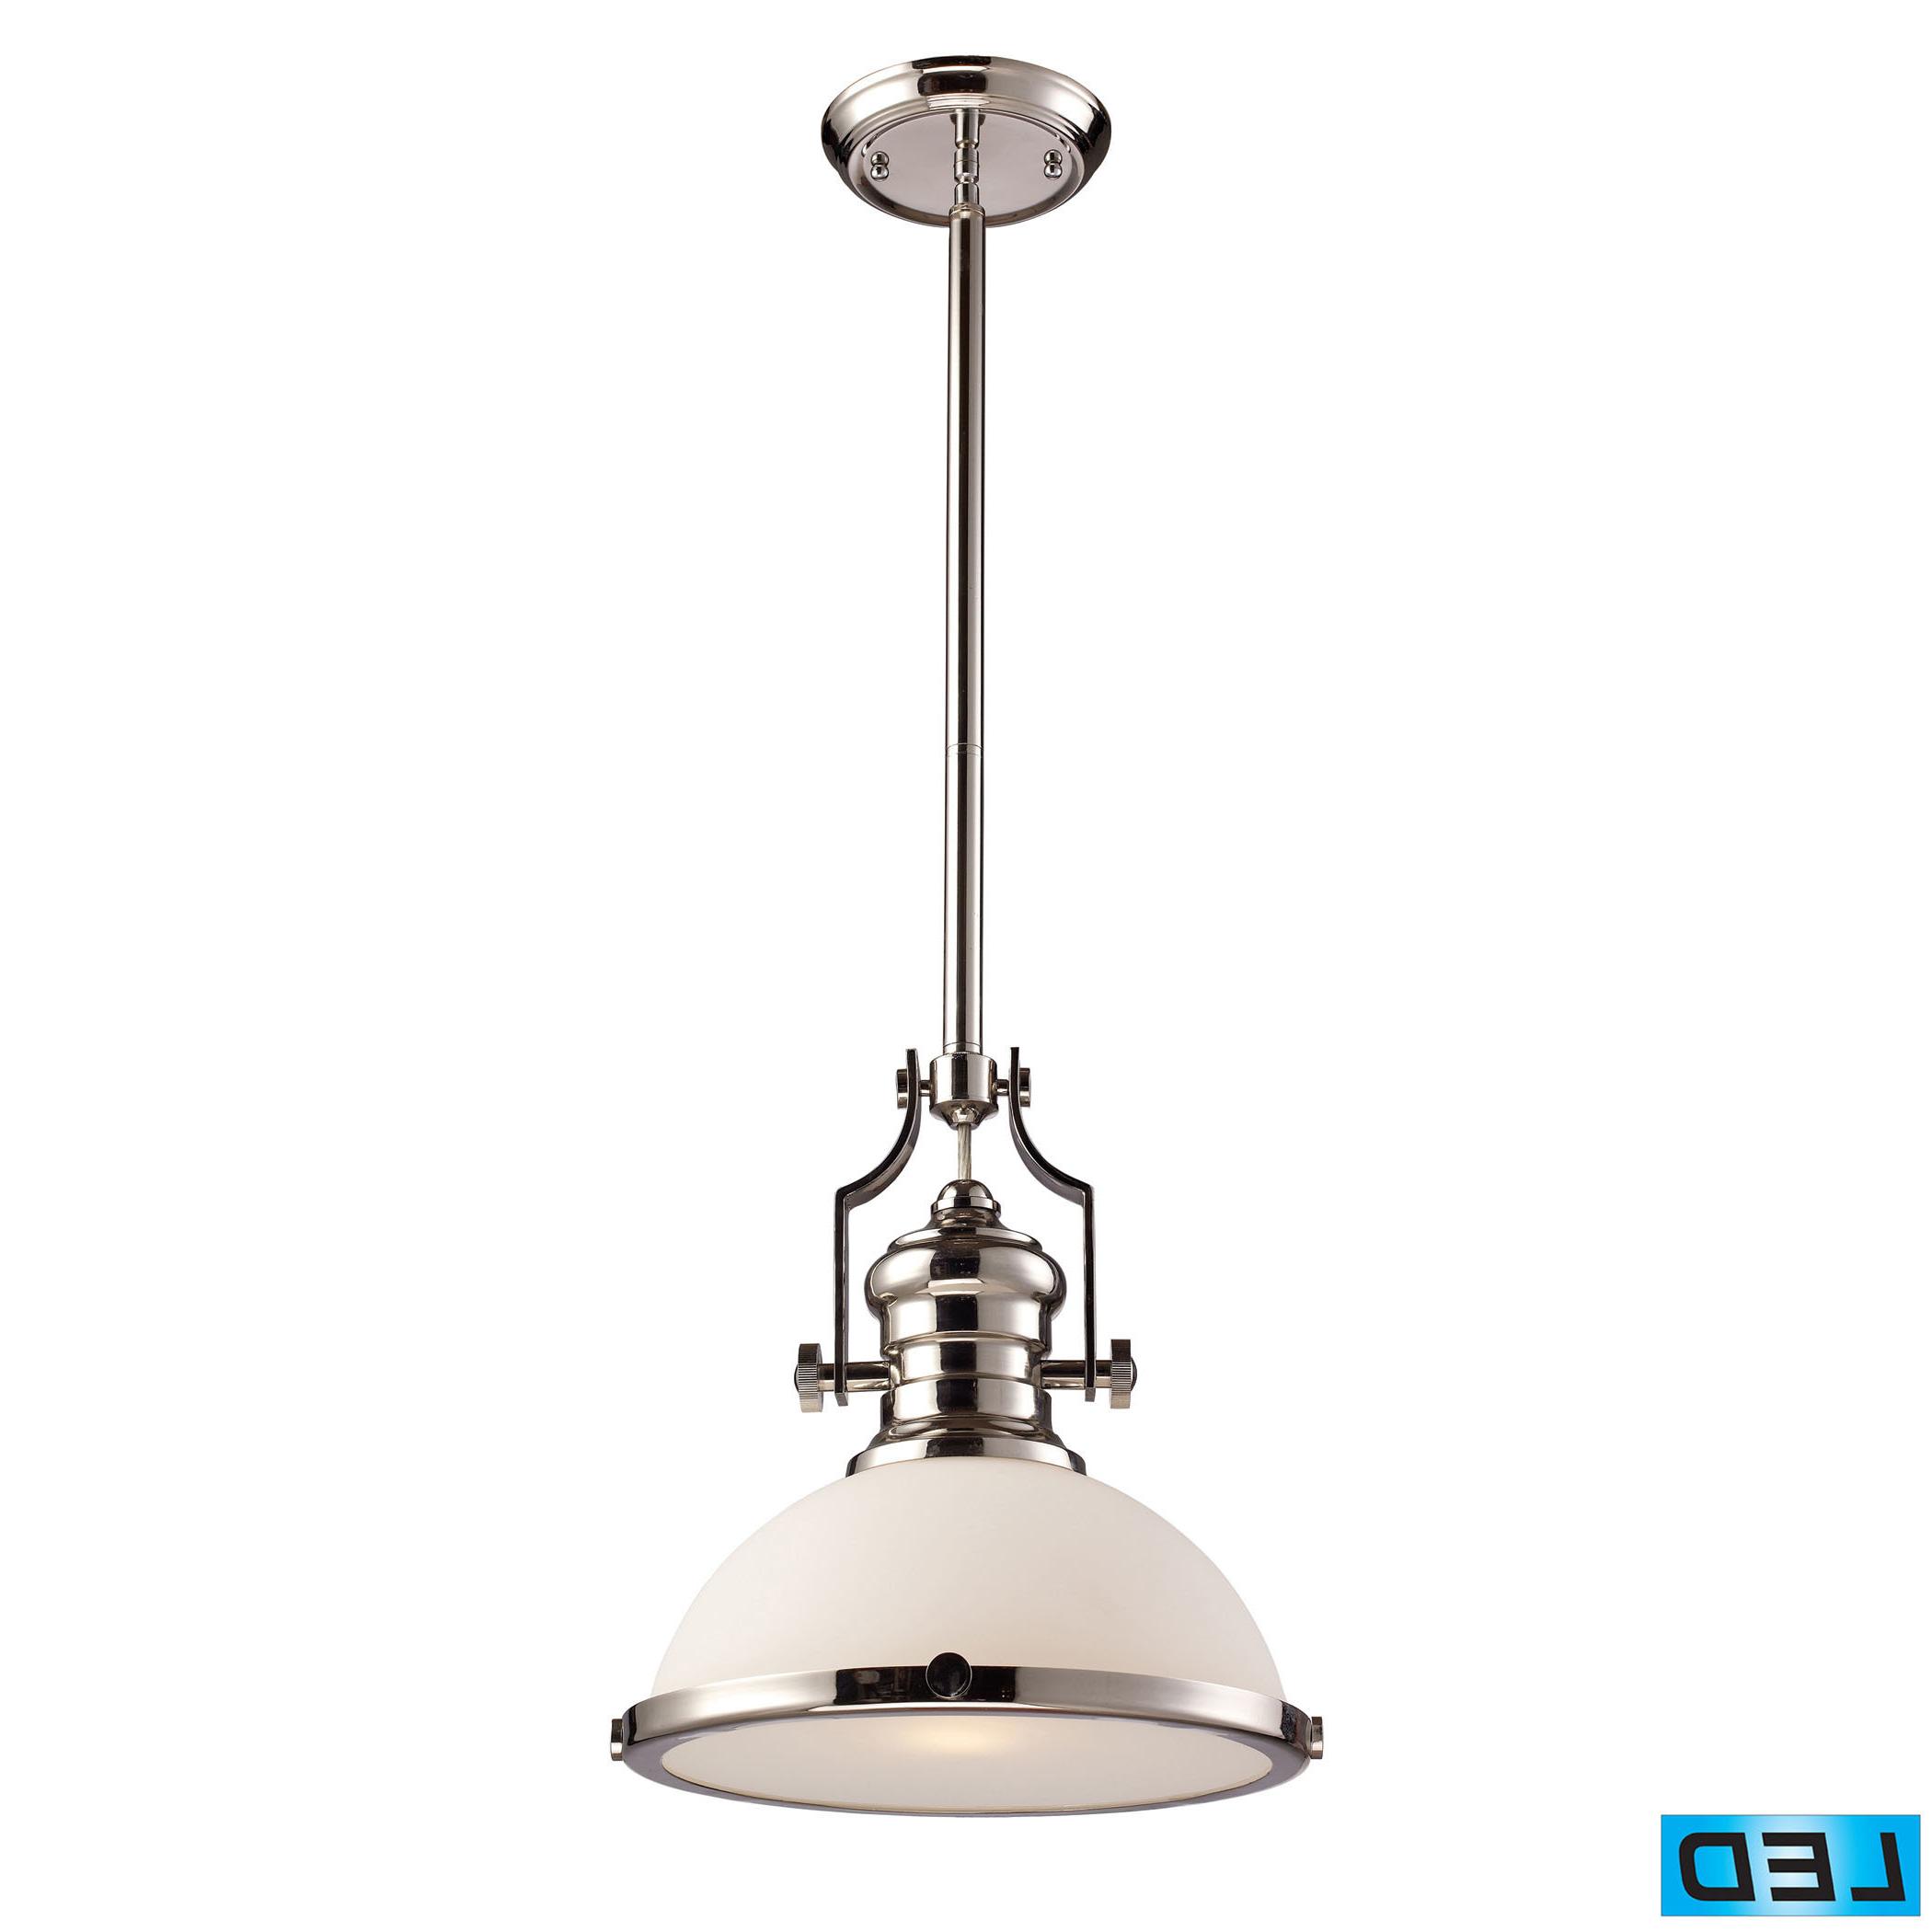 Priston 1 Light Single Dome Pendant Pertaining To Most Popular Granville 2 Light Single Dome Pendants (View 17 of 20)